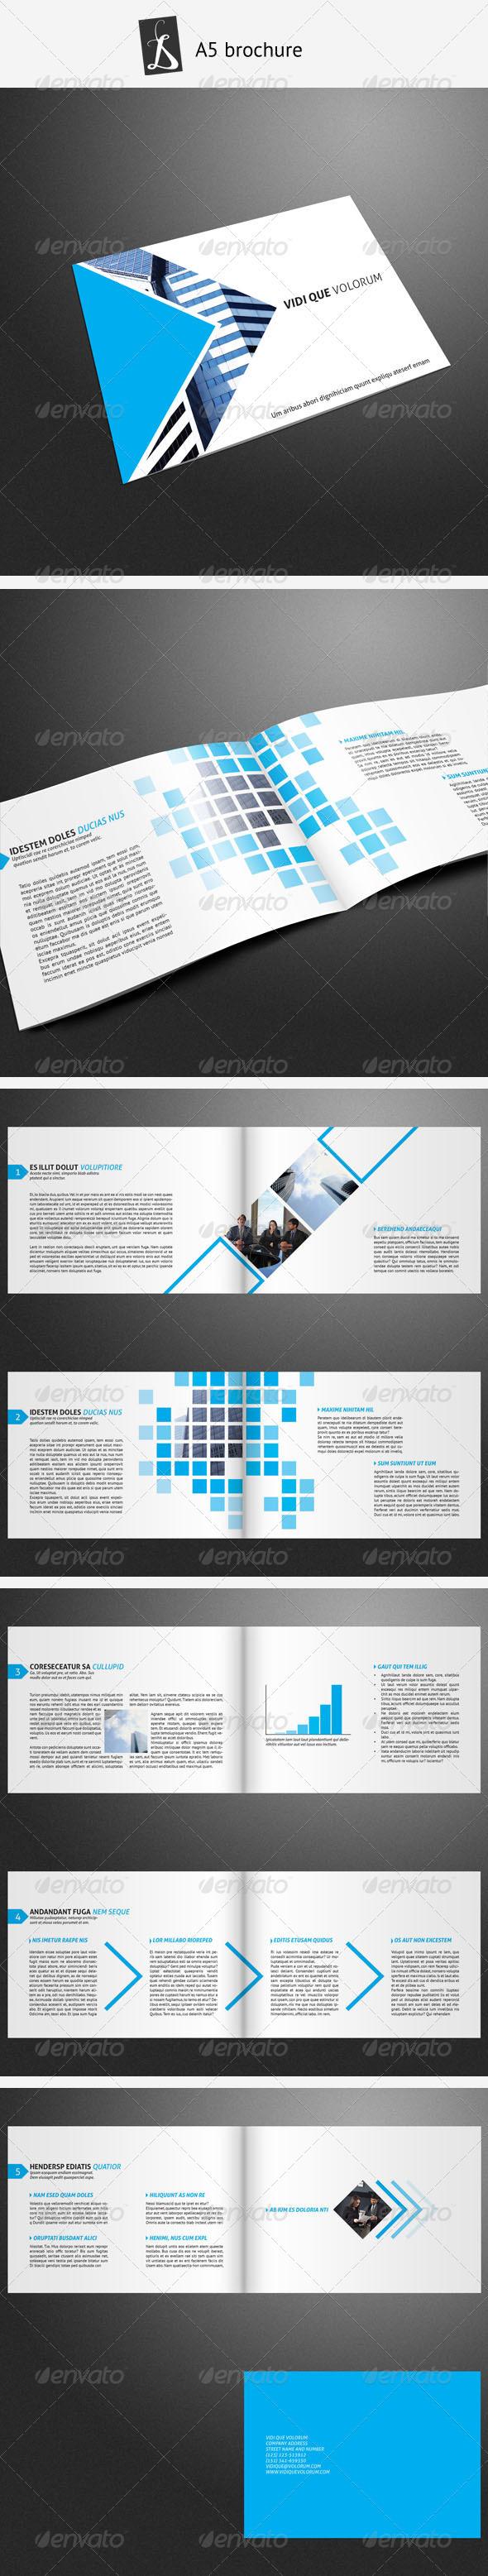 GraphicRiver A5 brochure 7 493605